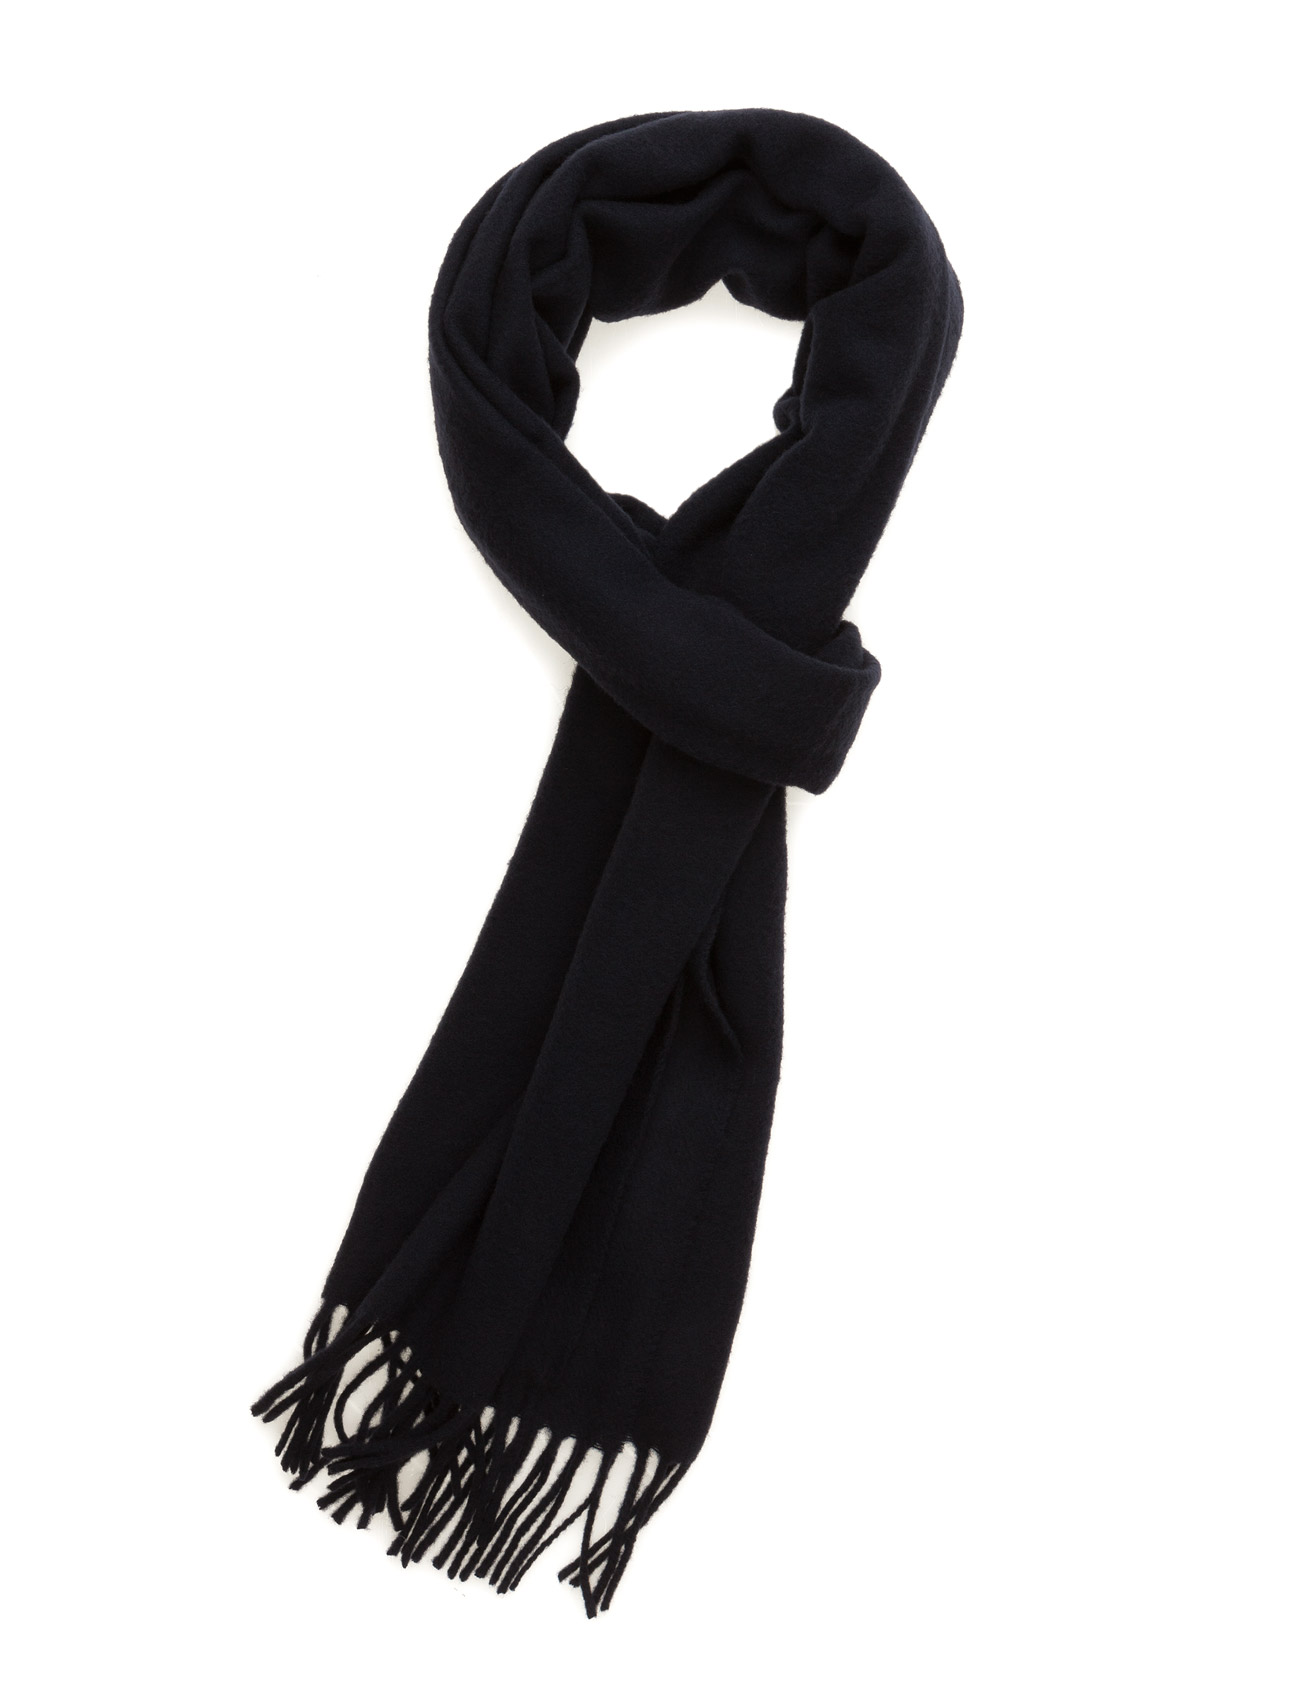 Solido Scots Wool J. Lindeberg Halstørklæder til Herrer i